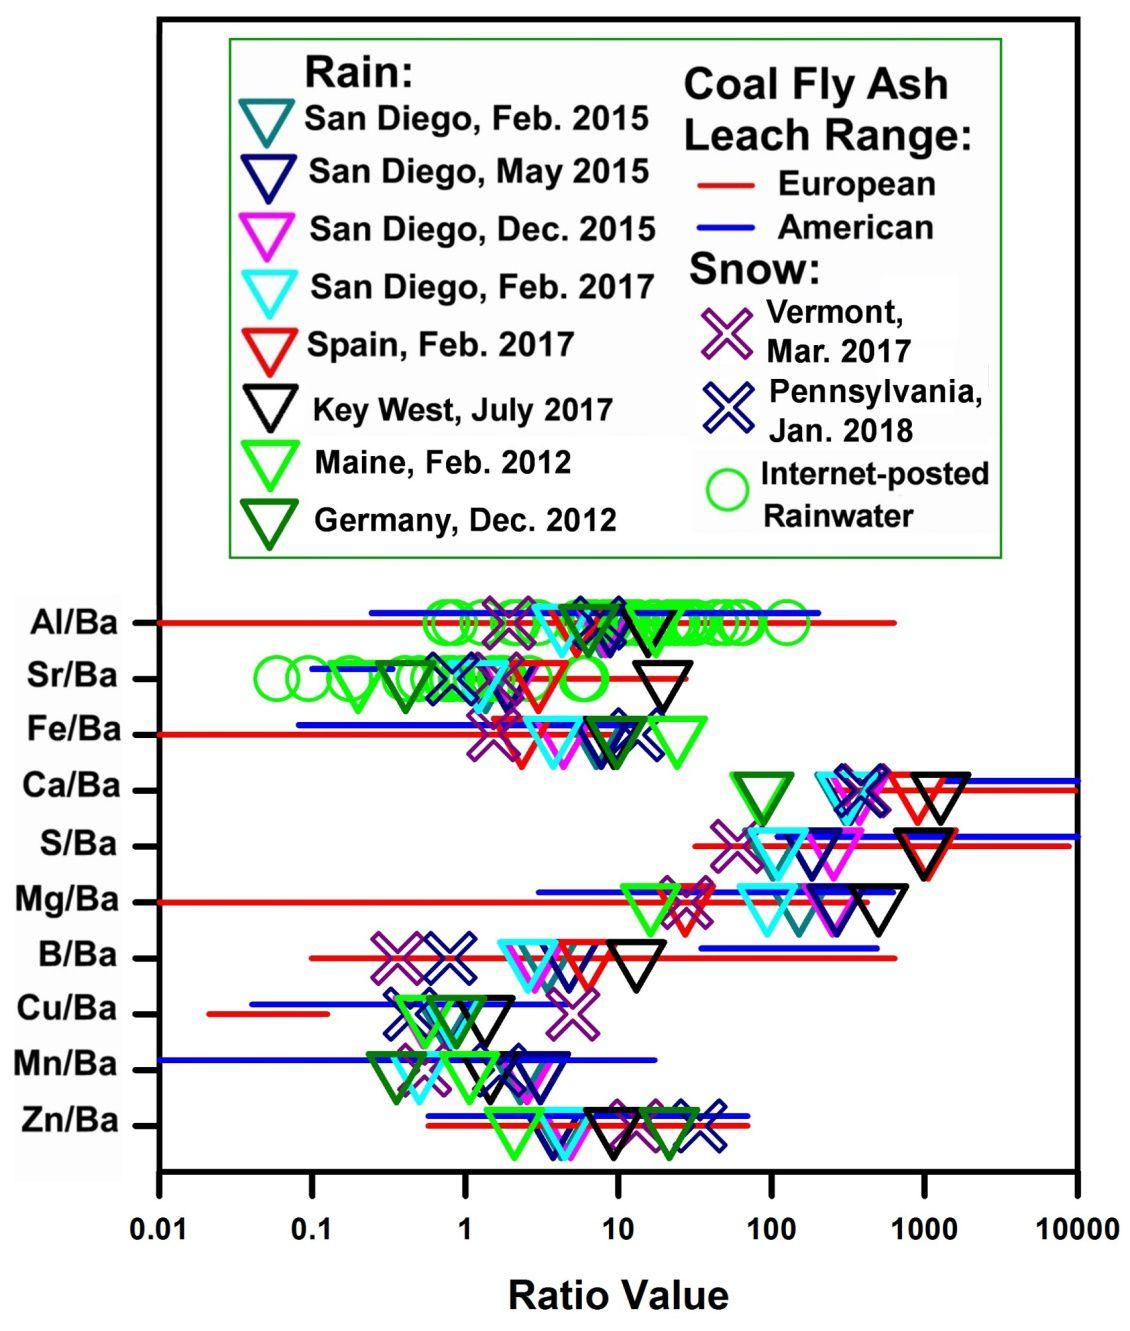 Figure 2. Extrait de [26], montrant la similitude entre des rapports d'éléments mesurés dans l'eau de pluie et la neige et la gamme des rapports d'éléments comparables mesurés dans le lixiviat de laboratoire des expériences avec l'eau [22, 27].